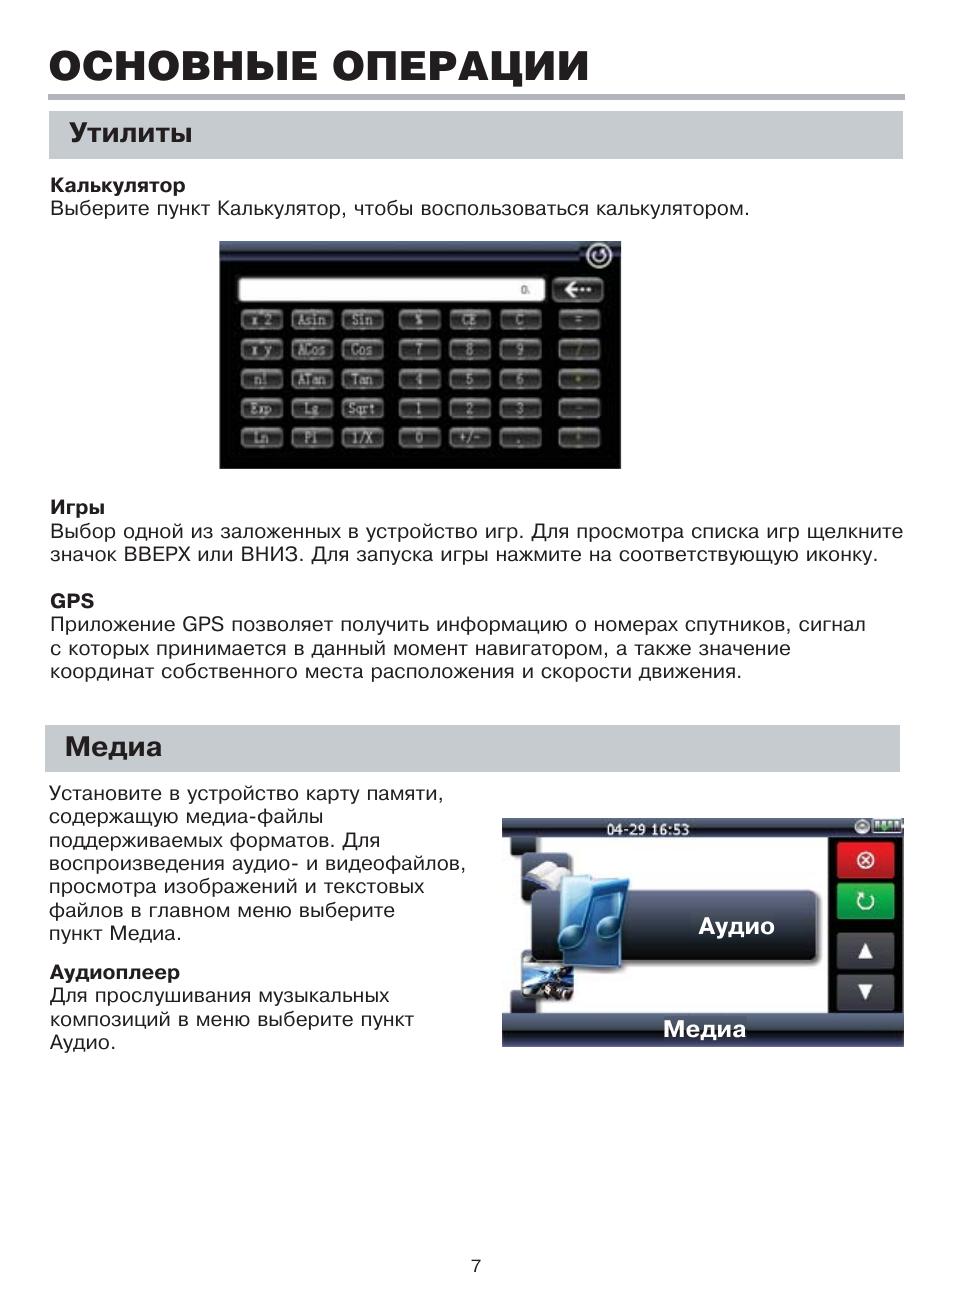 Основные операции, Утилиты, Медиа Инструкция по эксплуатации BBK N4326 Страница 9 / 20 Оригинал